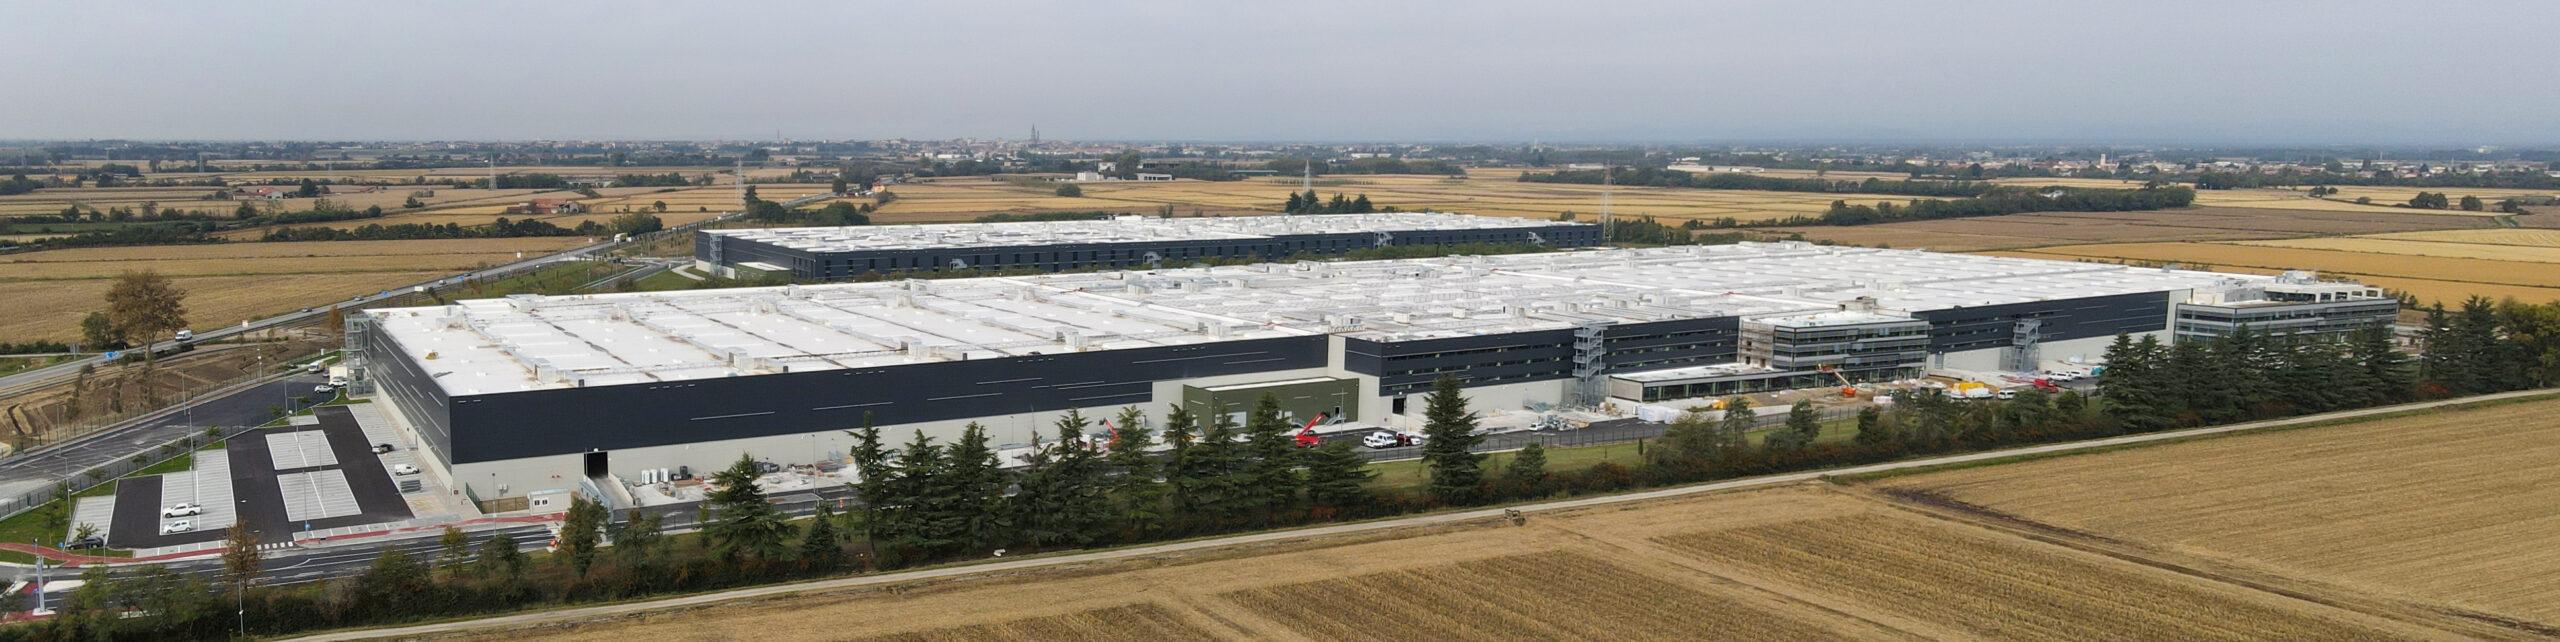 Vista aerea 3 - Trecate XXL logistic park LCP | SQM Real Estate miglior agenzia immobiliare per aziende industria terreni logistica sviluppo immobiliare